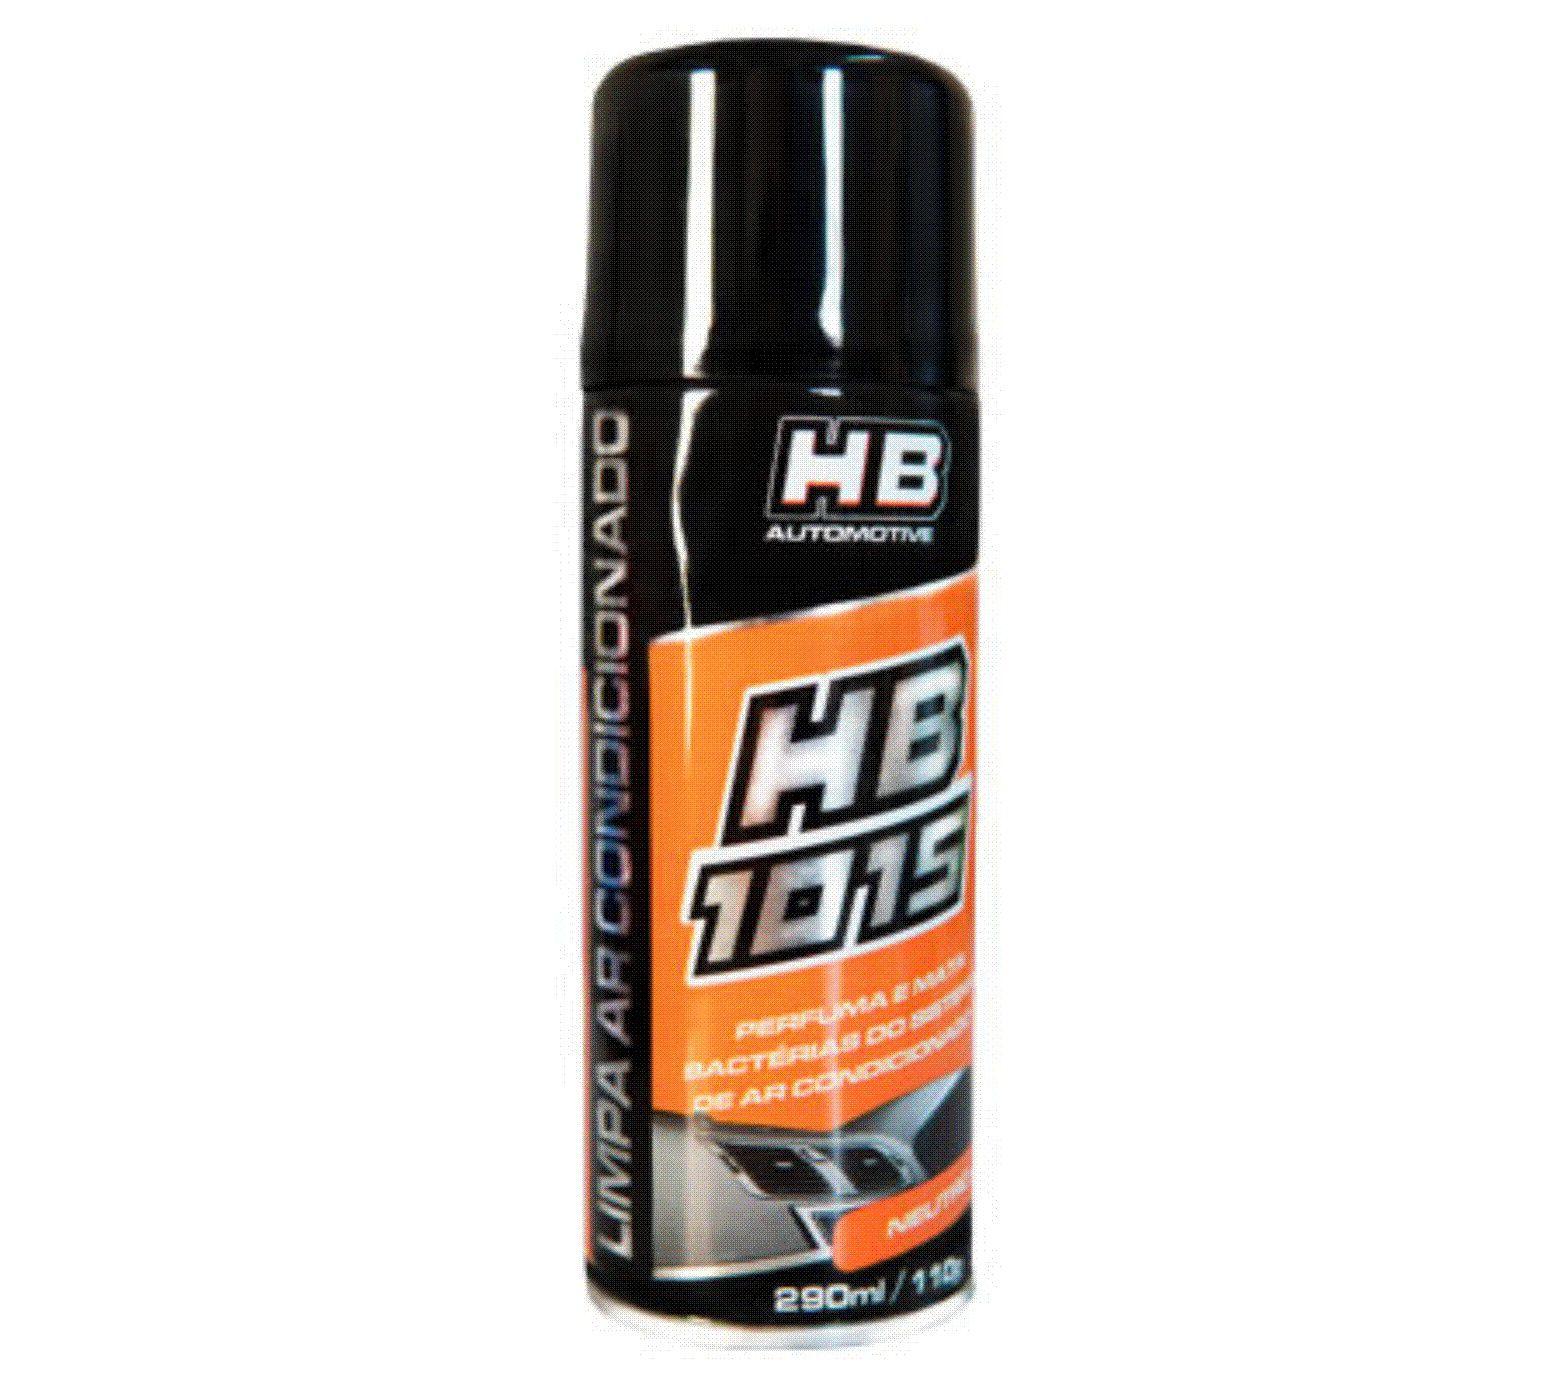 Higienizador Limpa Ar Condicionado Hb 290ml Granada Spray NEUTRO